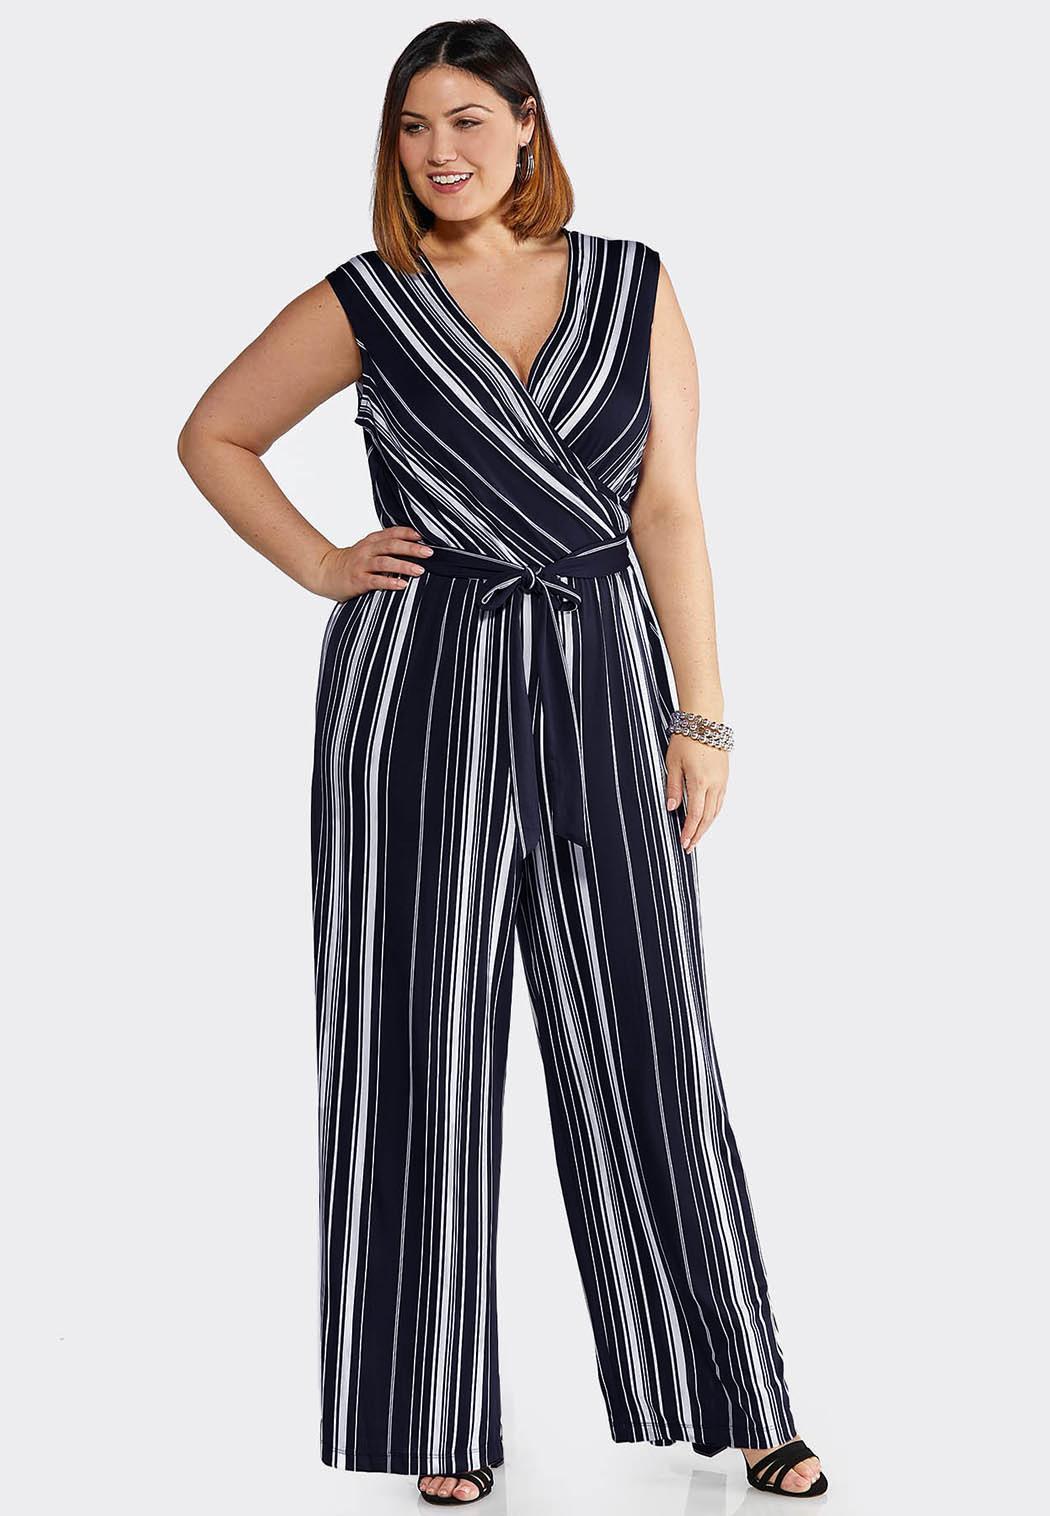 1a52ded7053a Plus Size Navy Stripe Tie Waist Jumpsuit Dresses Cato Fashions